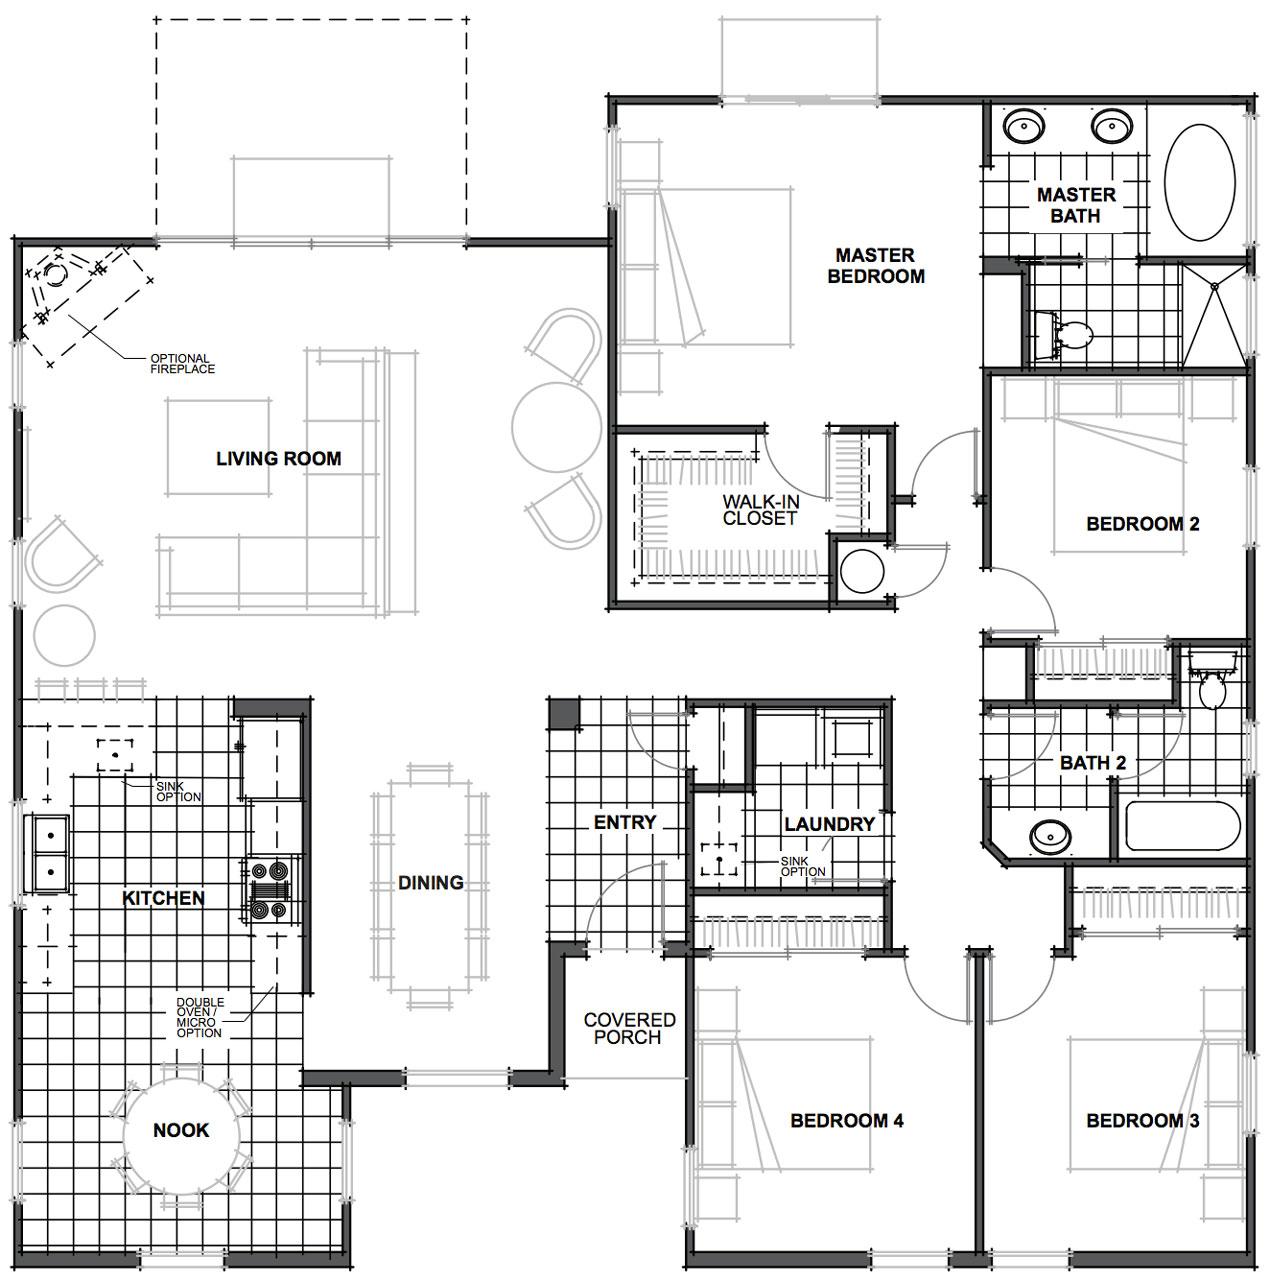 danville floor plan - Jkb Homes Floor Plans